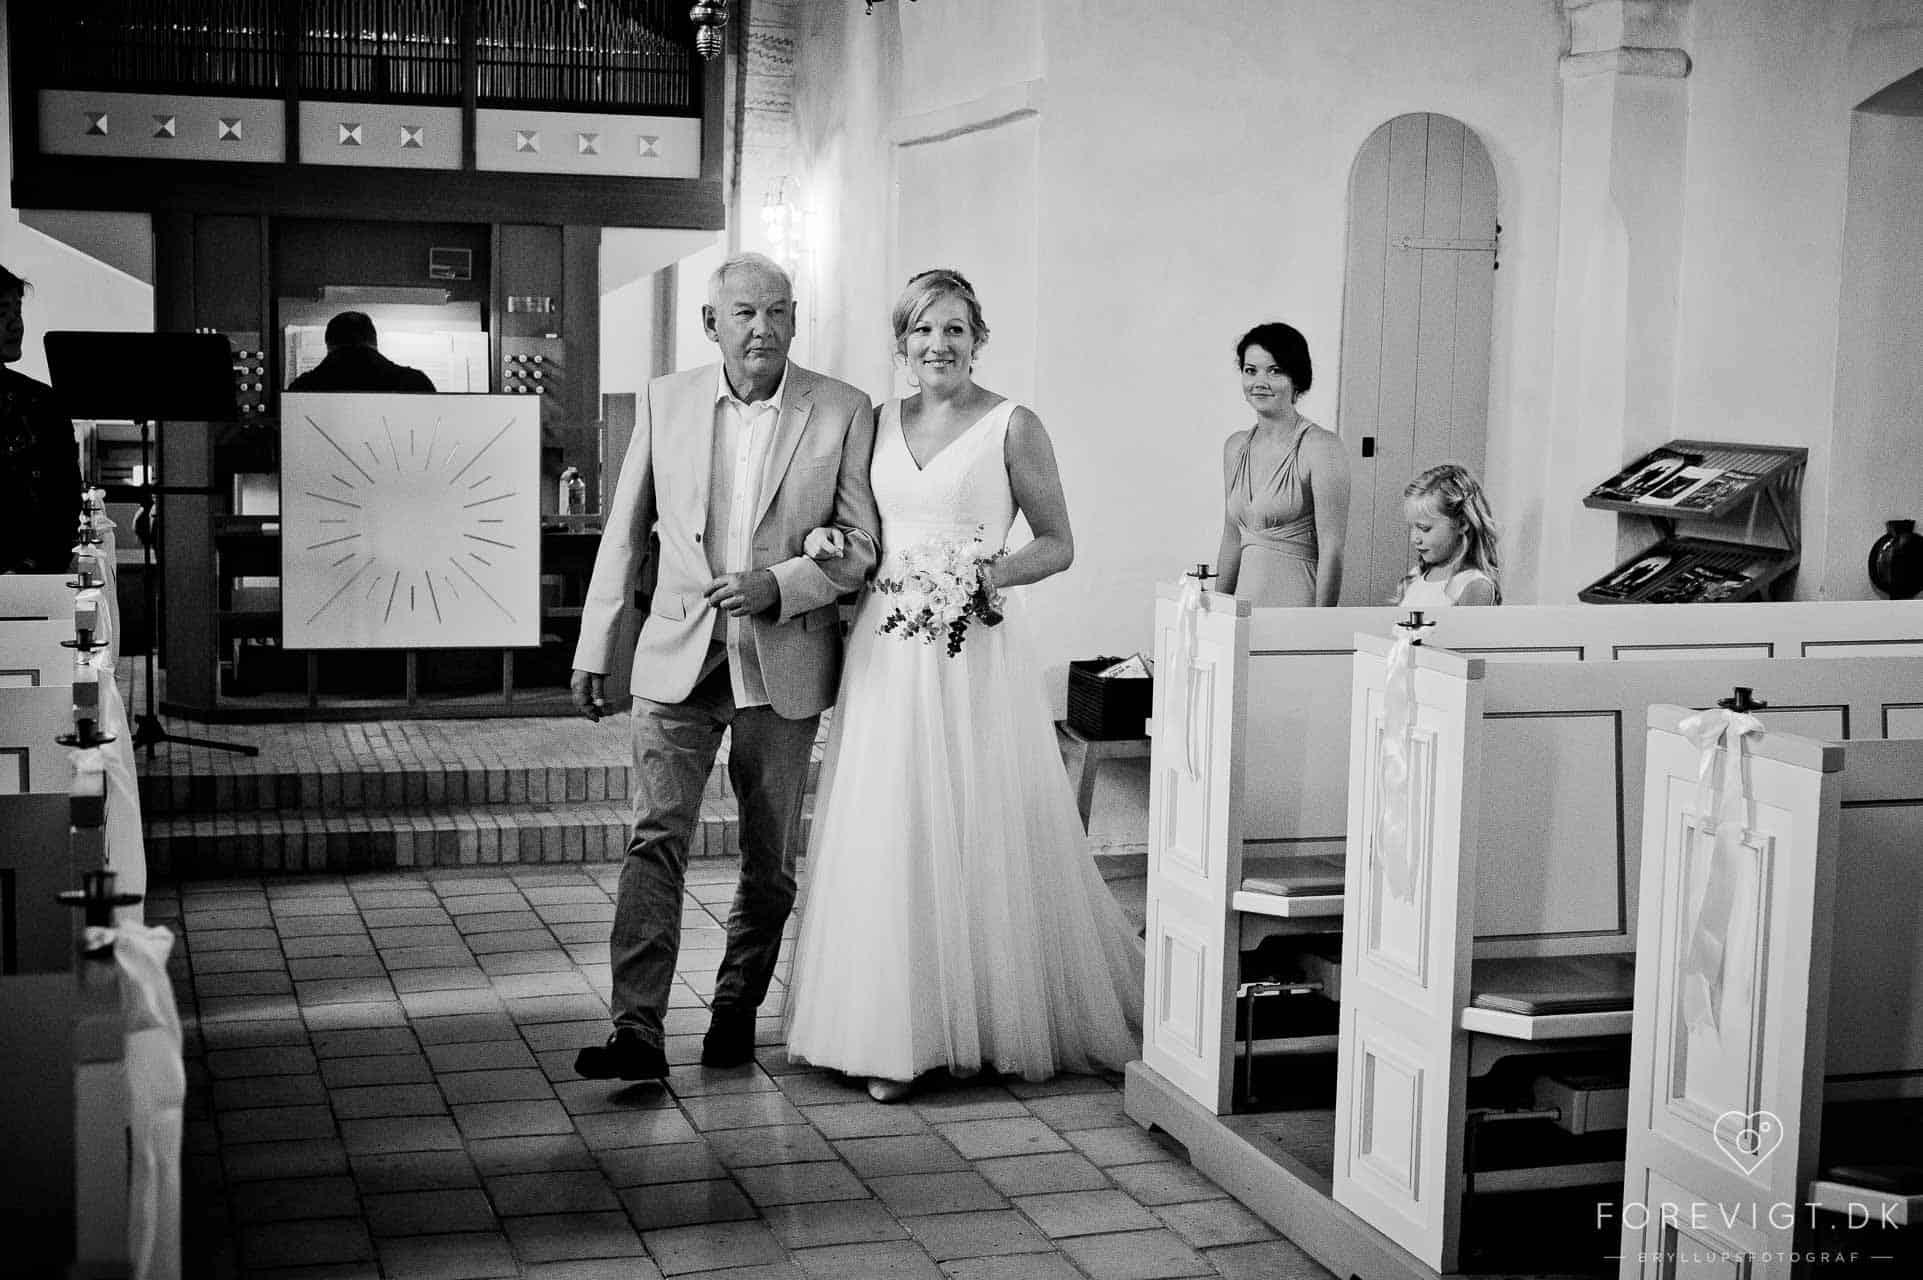 Brylluppet blev holdt i den flot dekorerede Jørlunde Kirke lidt nordvest for København